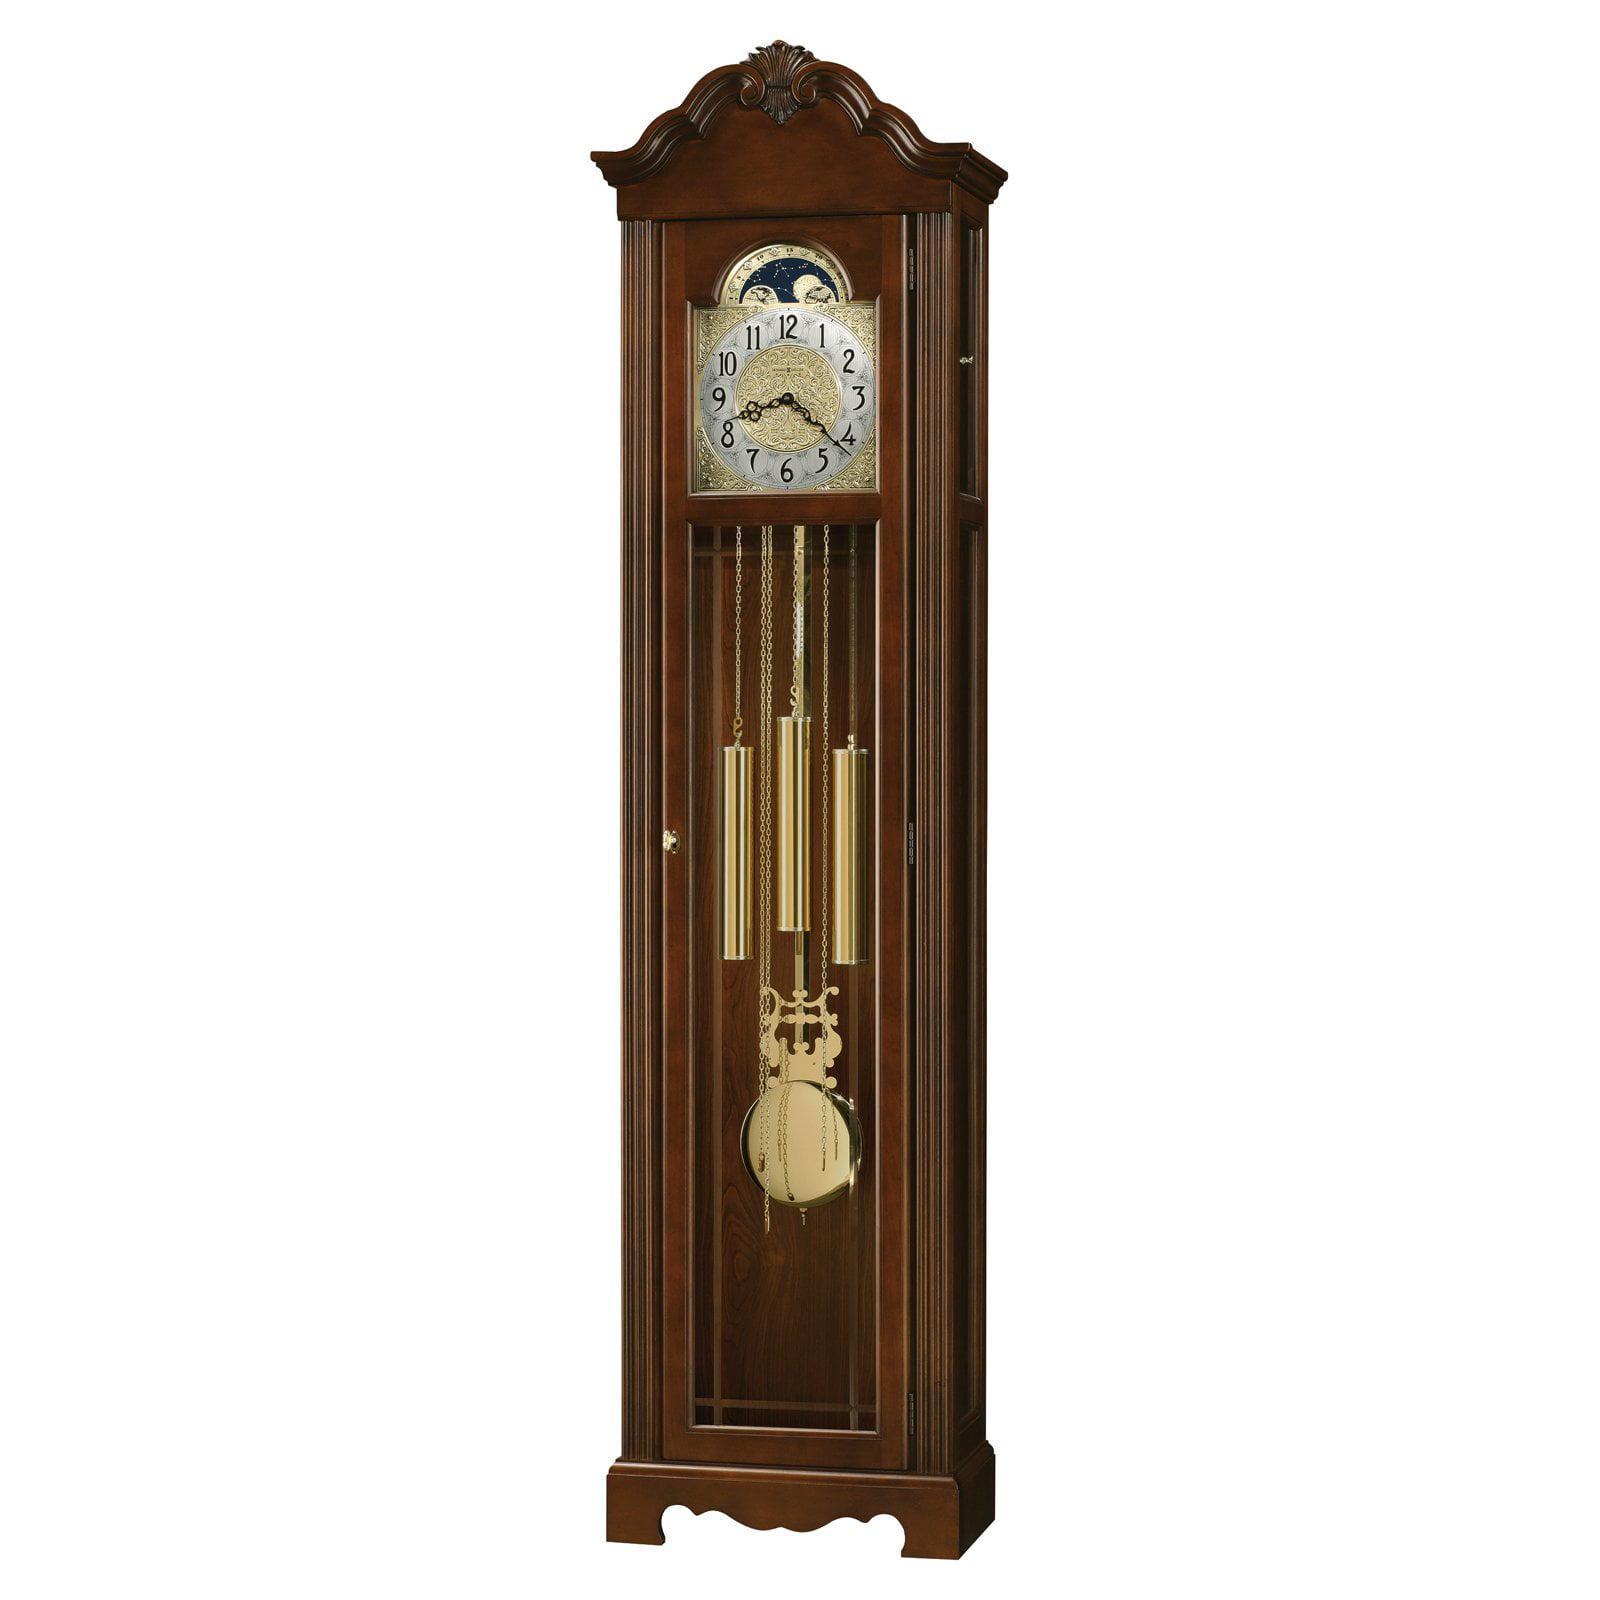 Howard Miller 611-176 Nicea Grandfather Clock by Howard Miller